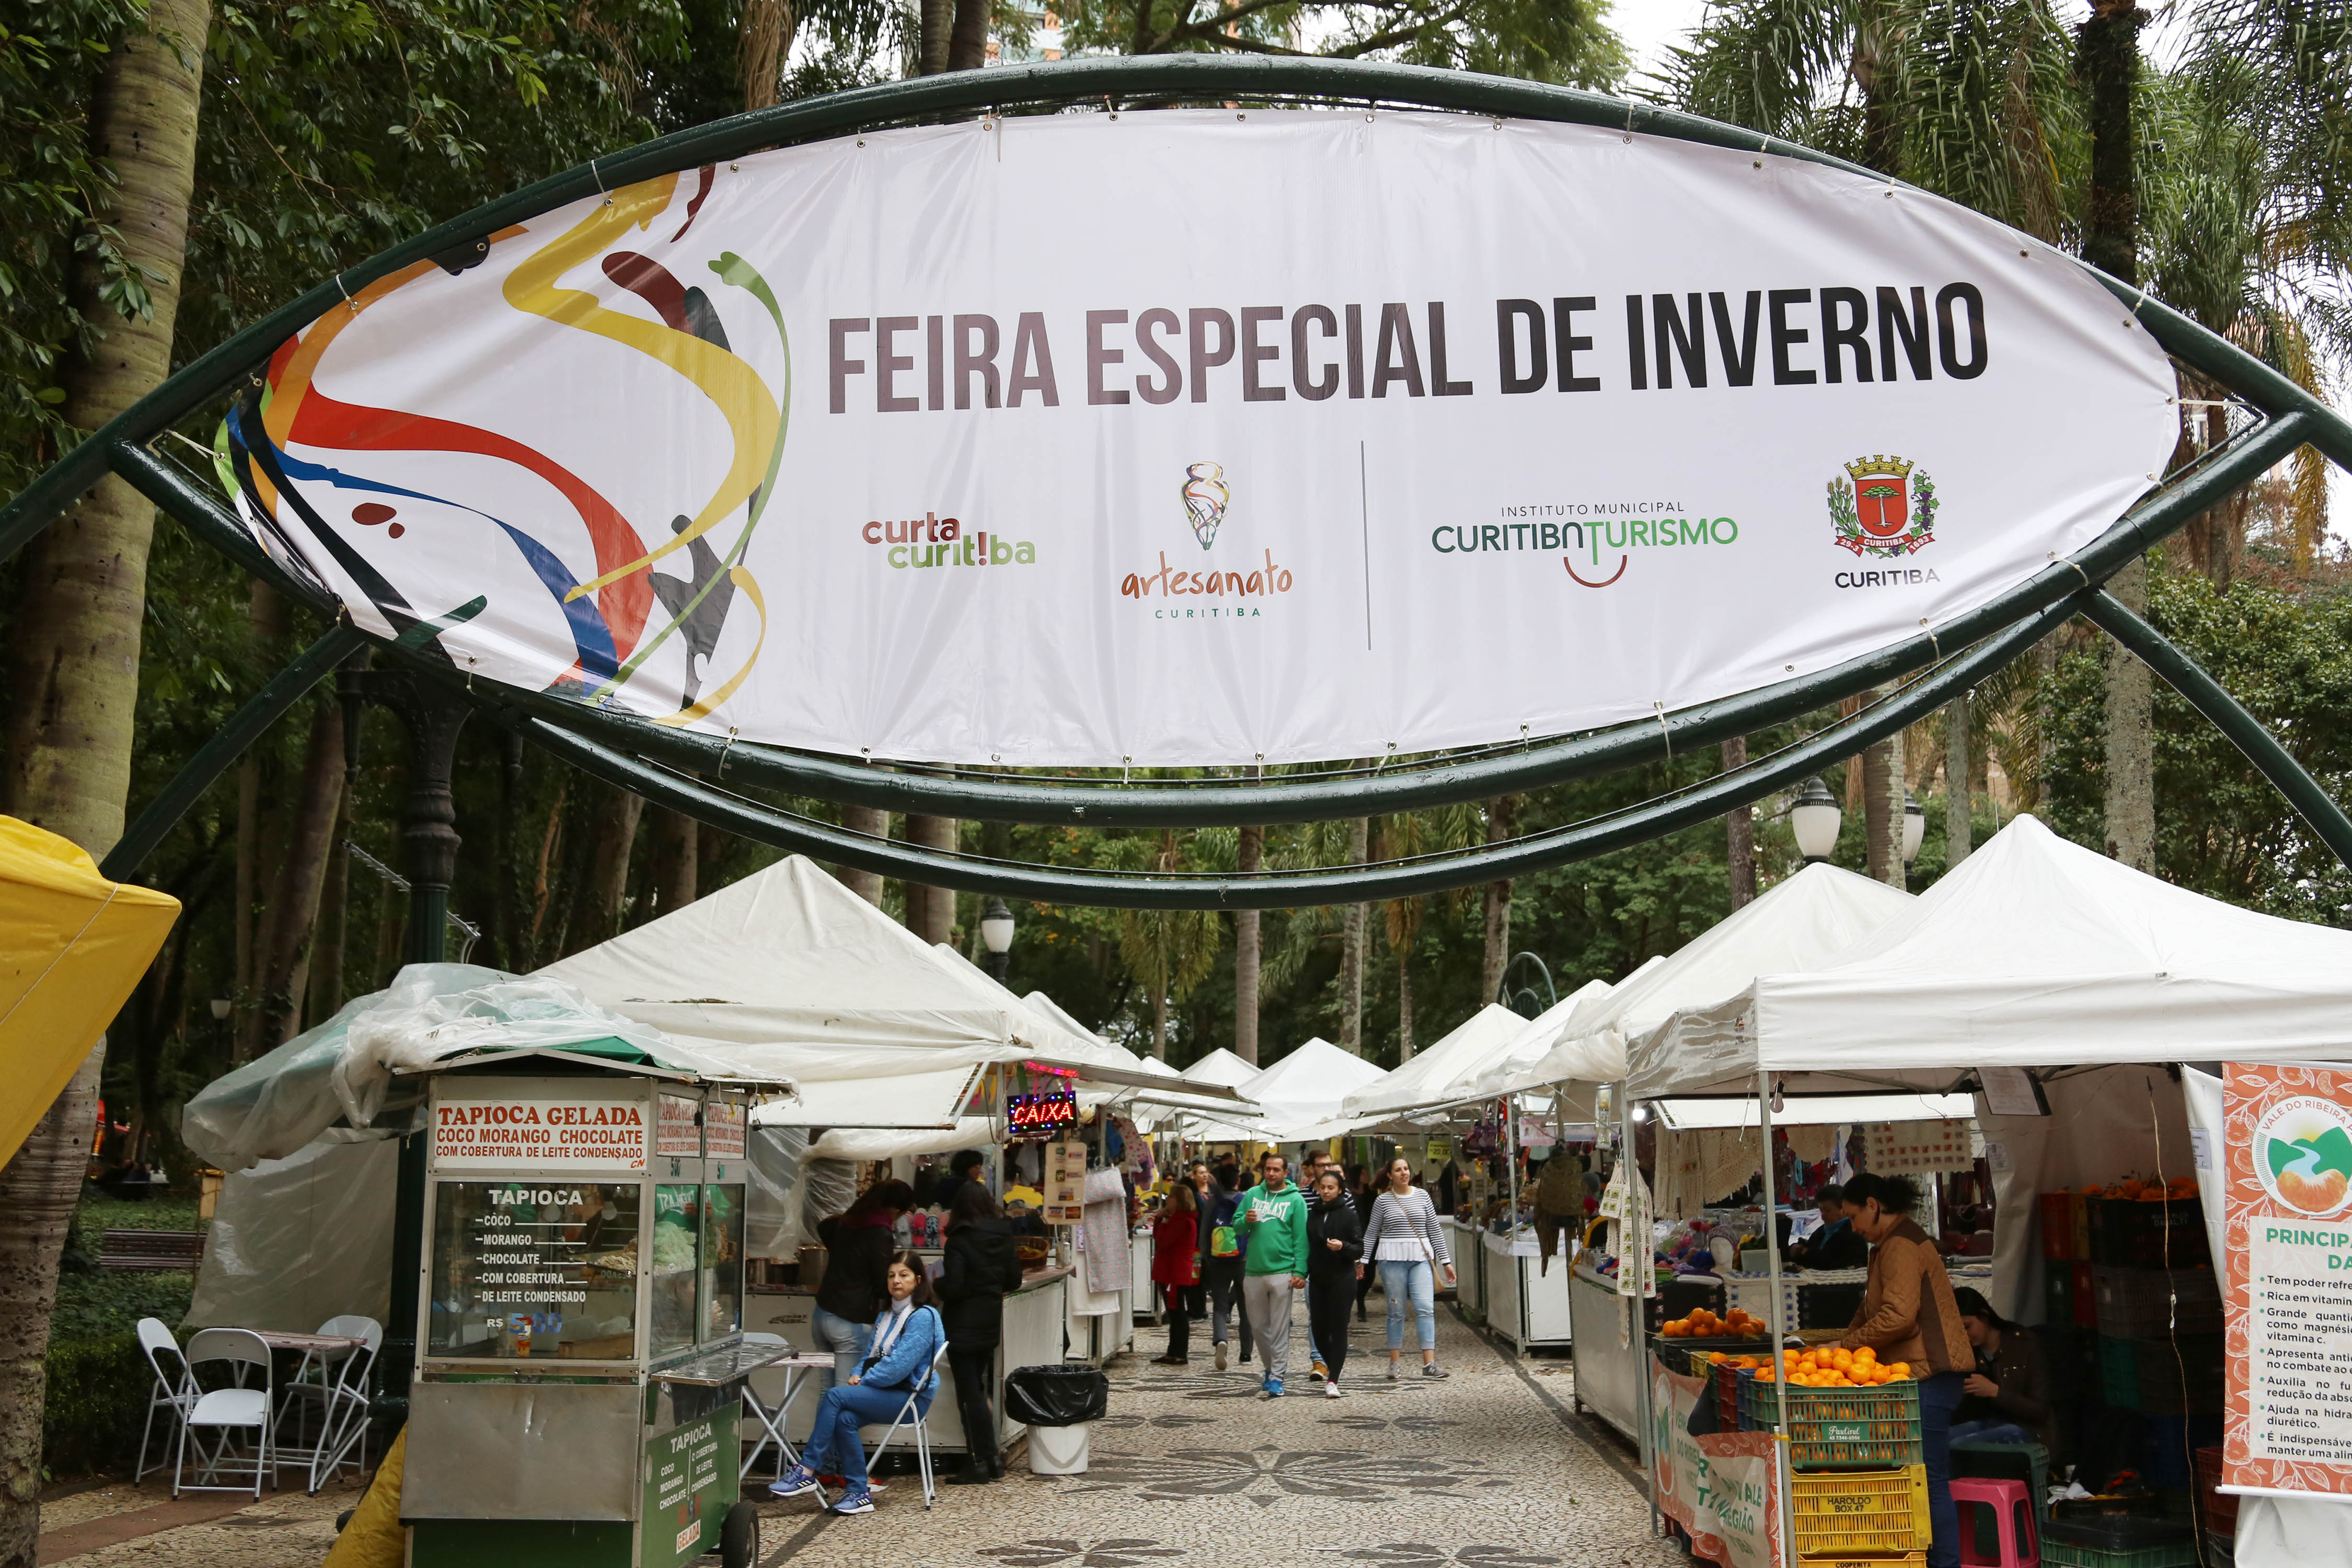 As tradicionais feiras de inverno estão de volta, em Curitiba, a partir desta quinta-feira (17/06)